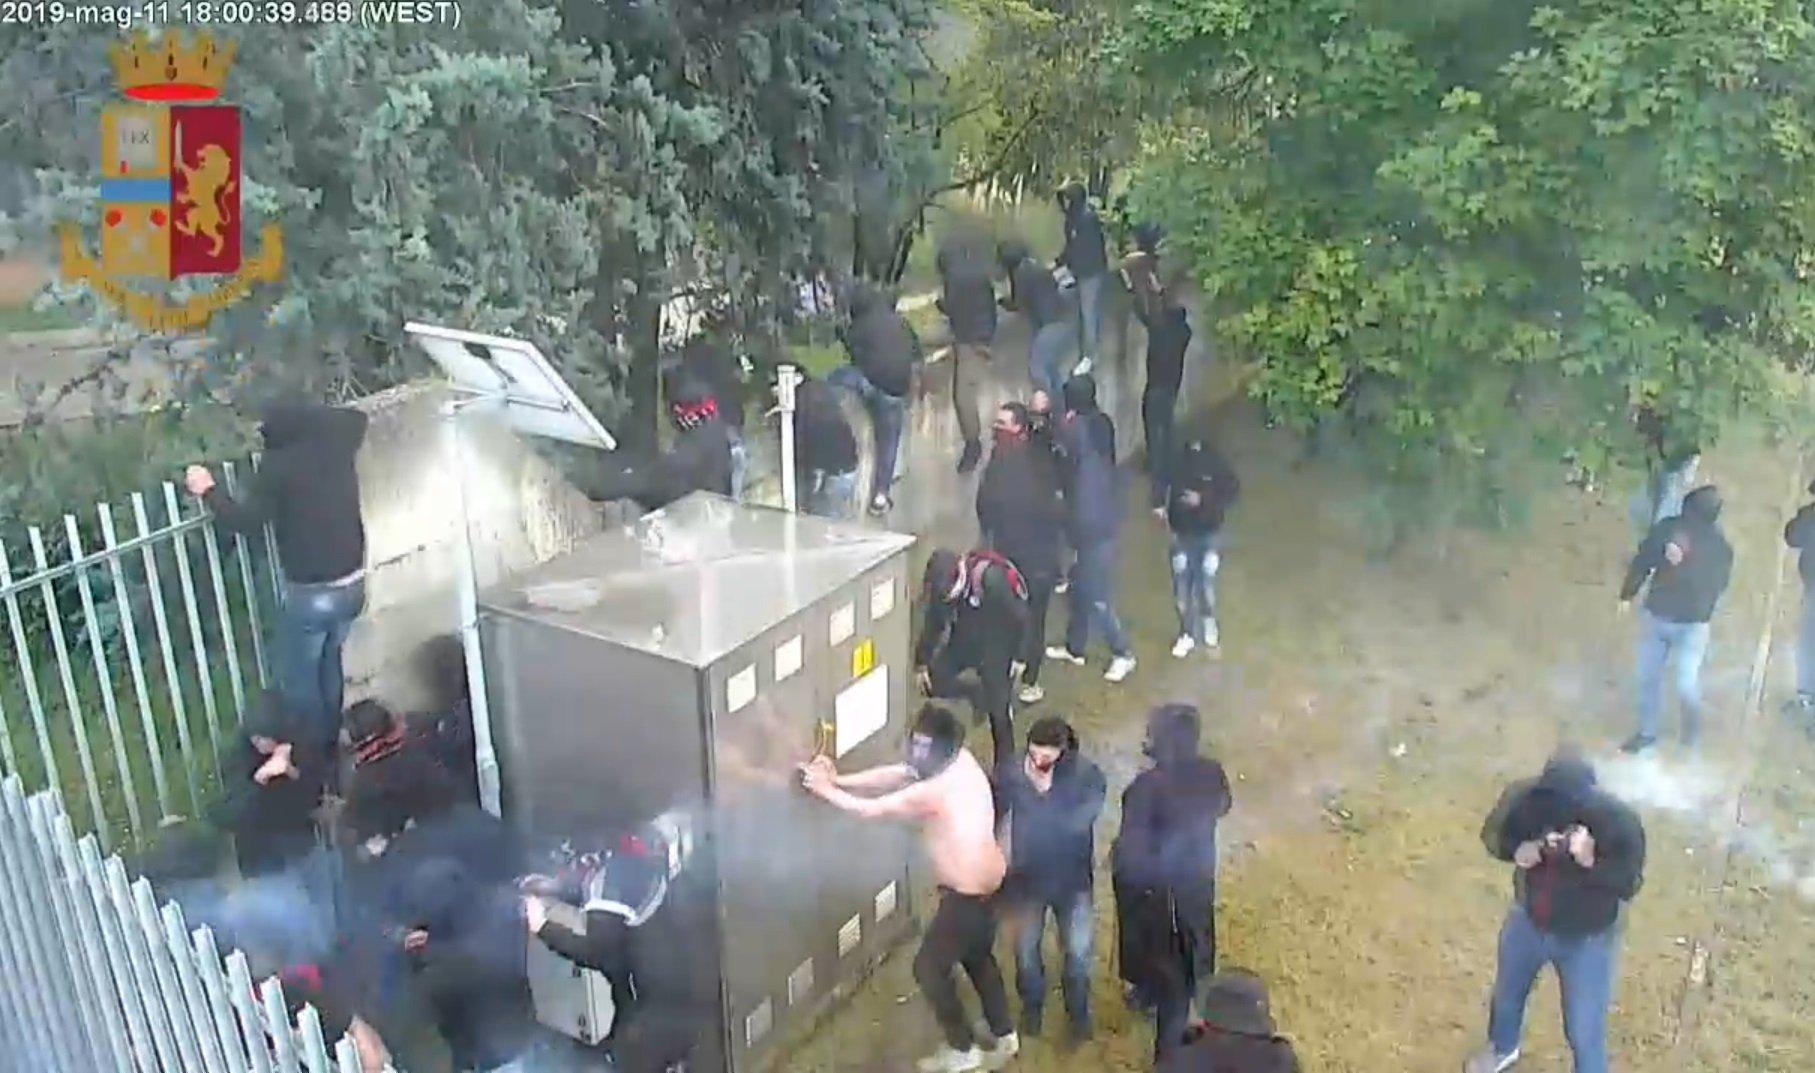 daspo hellas foggia scontri polizia 11 maggio 2019